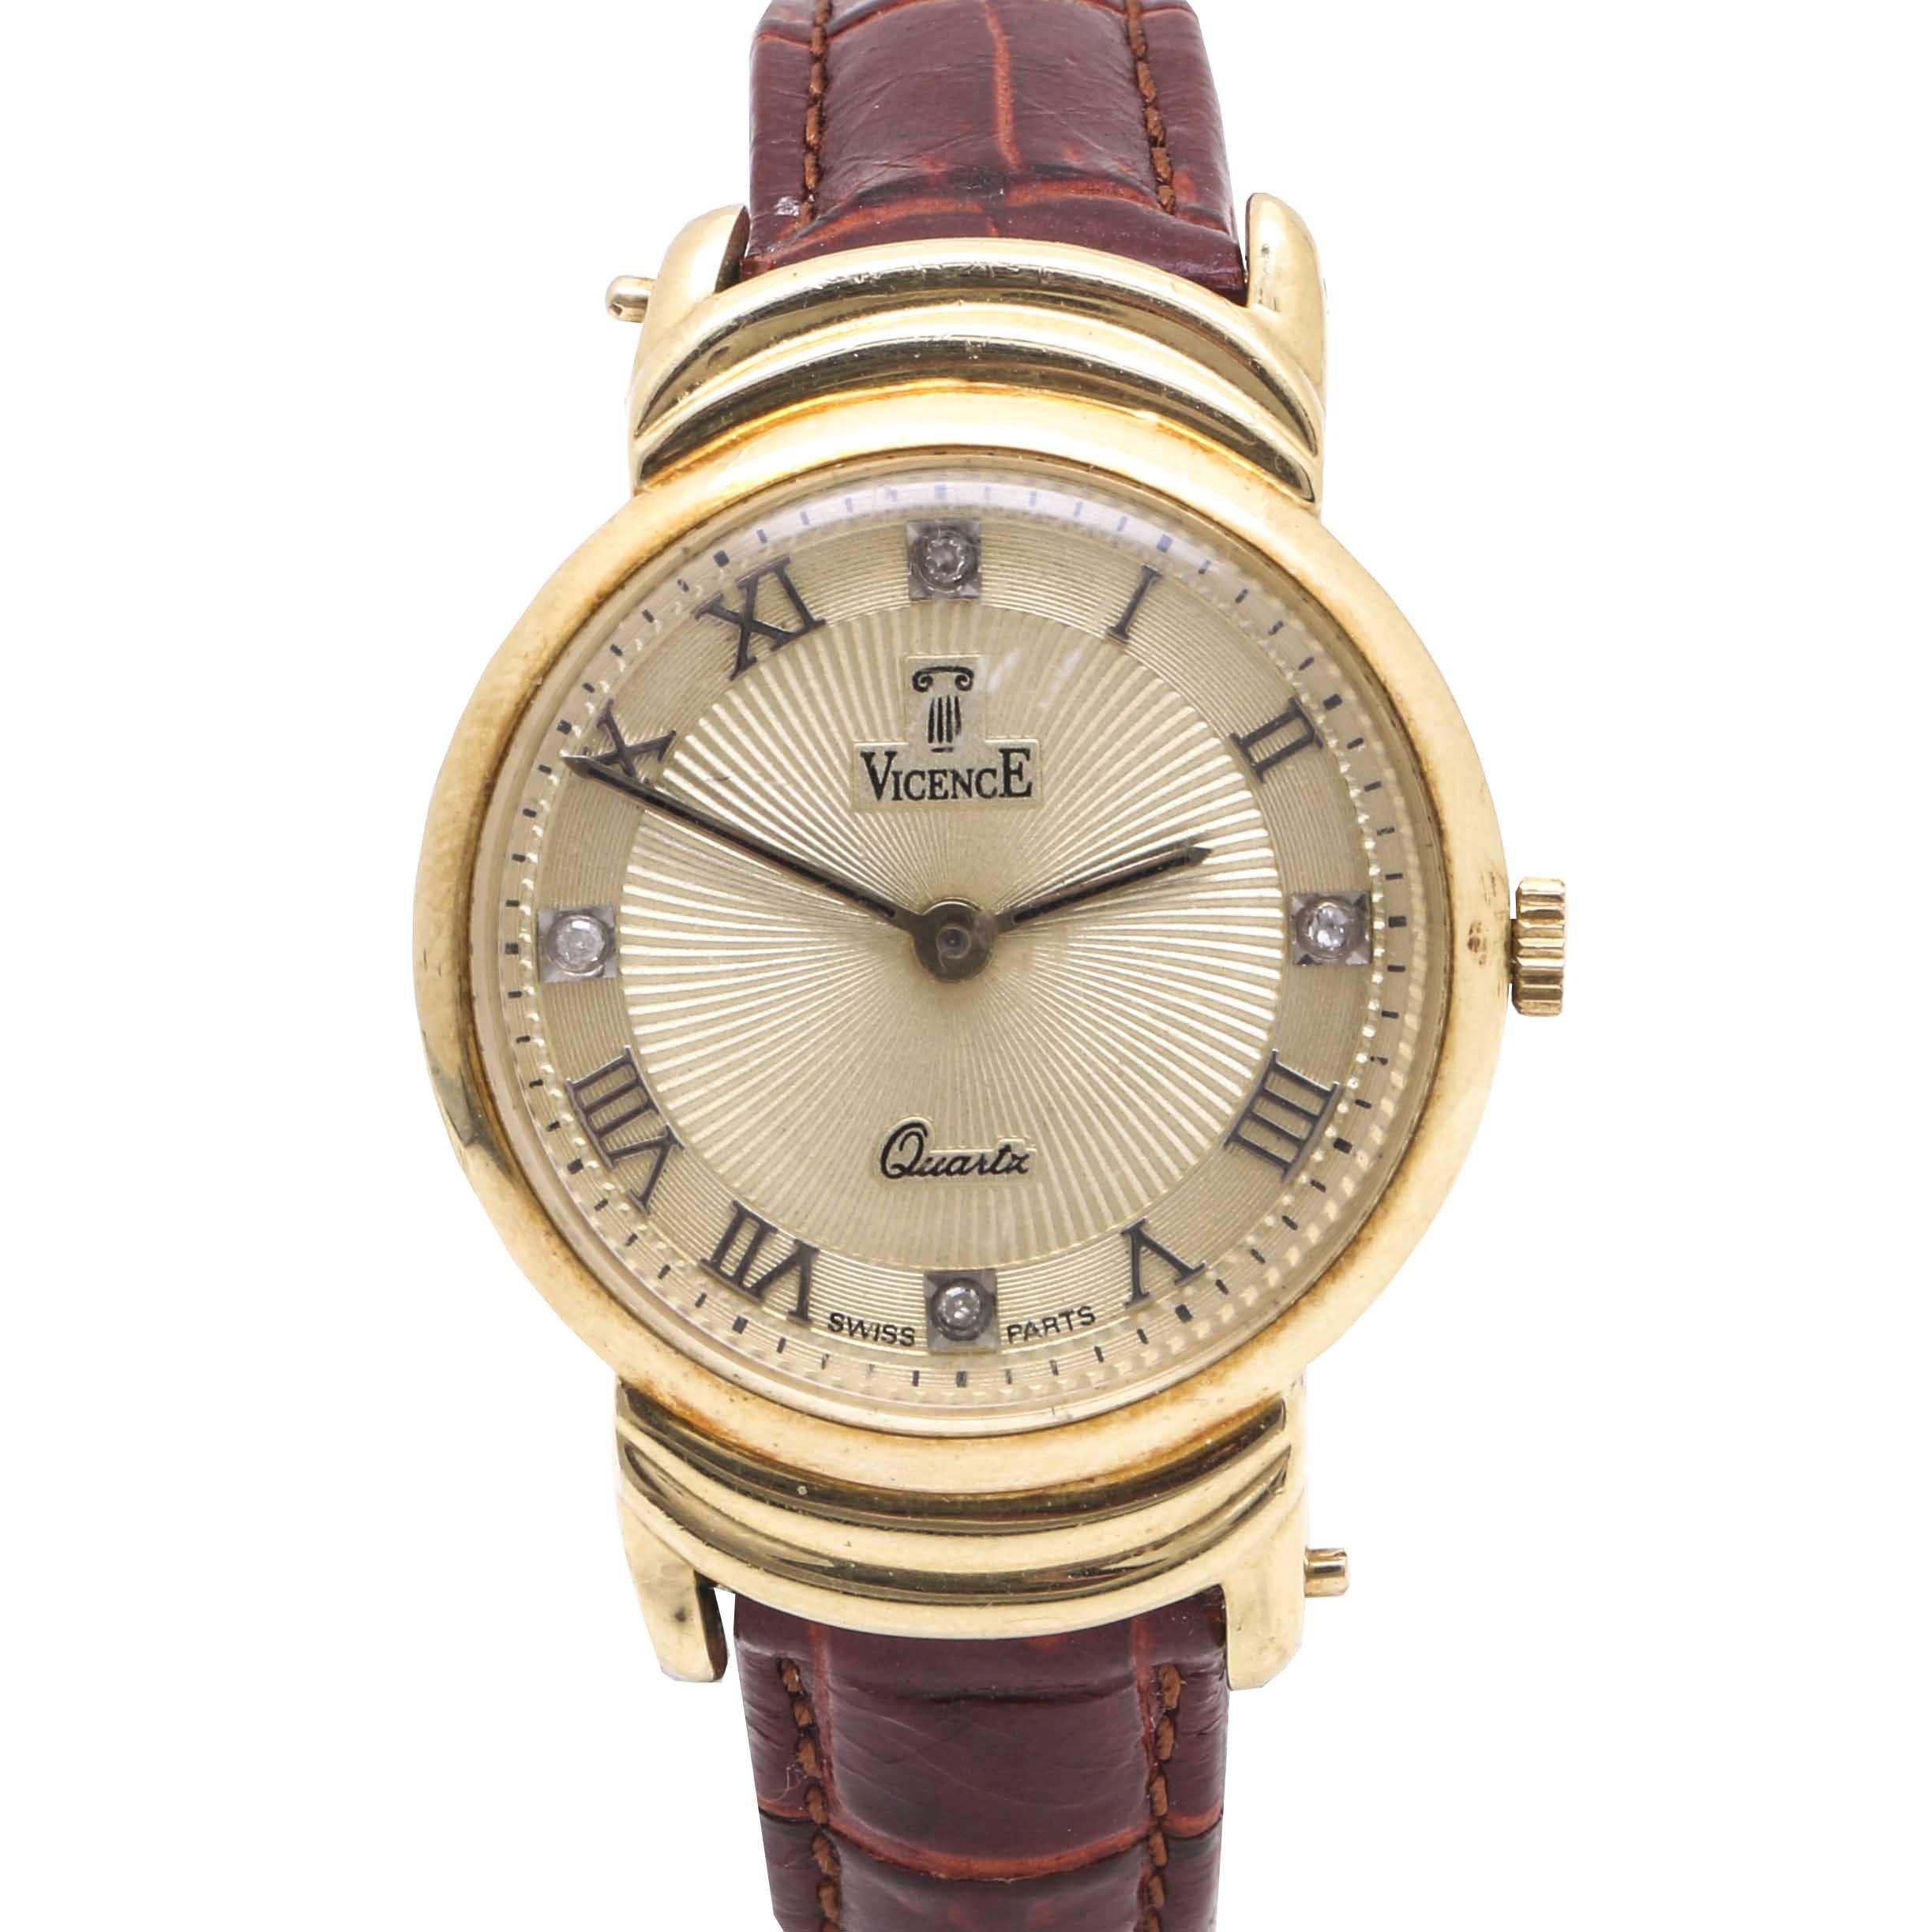 Vicence 14K Yellow Gold Diamond Wristwatch